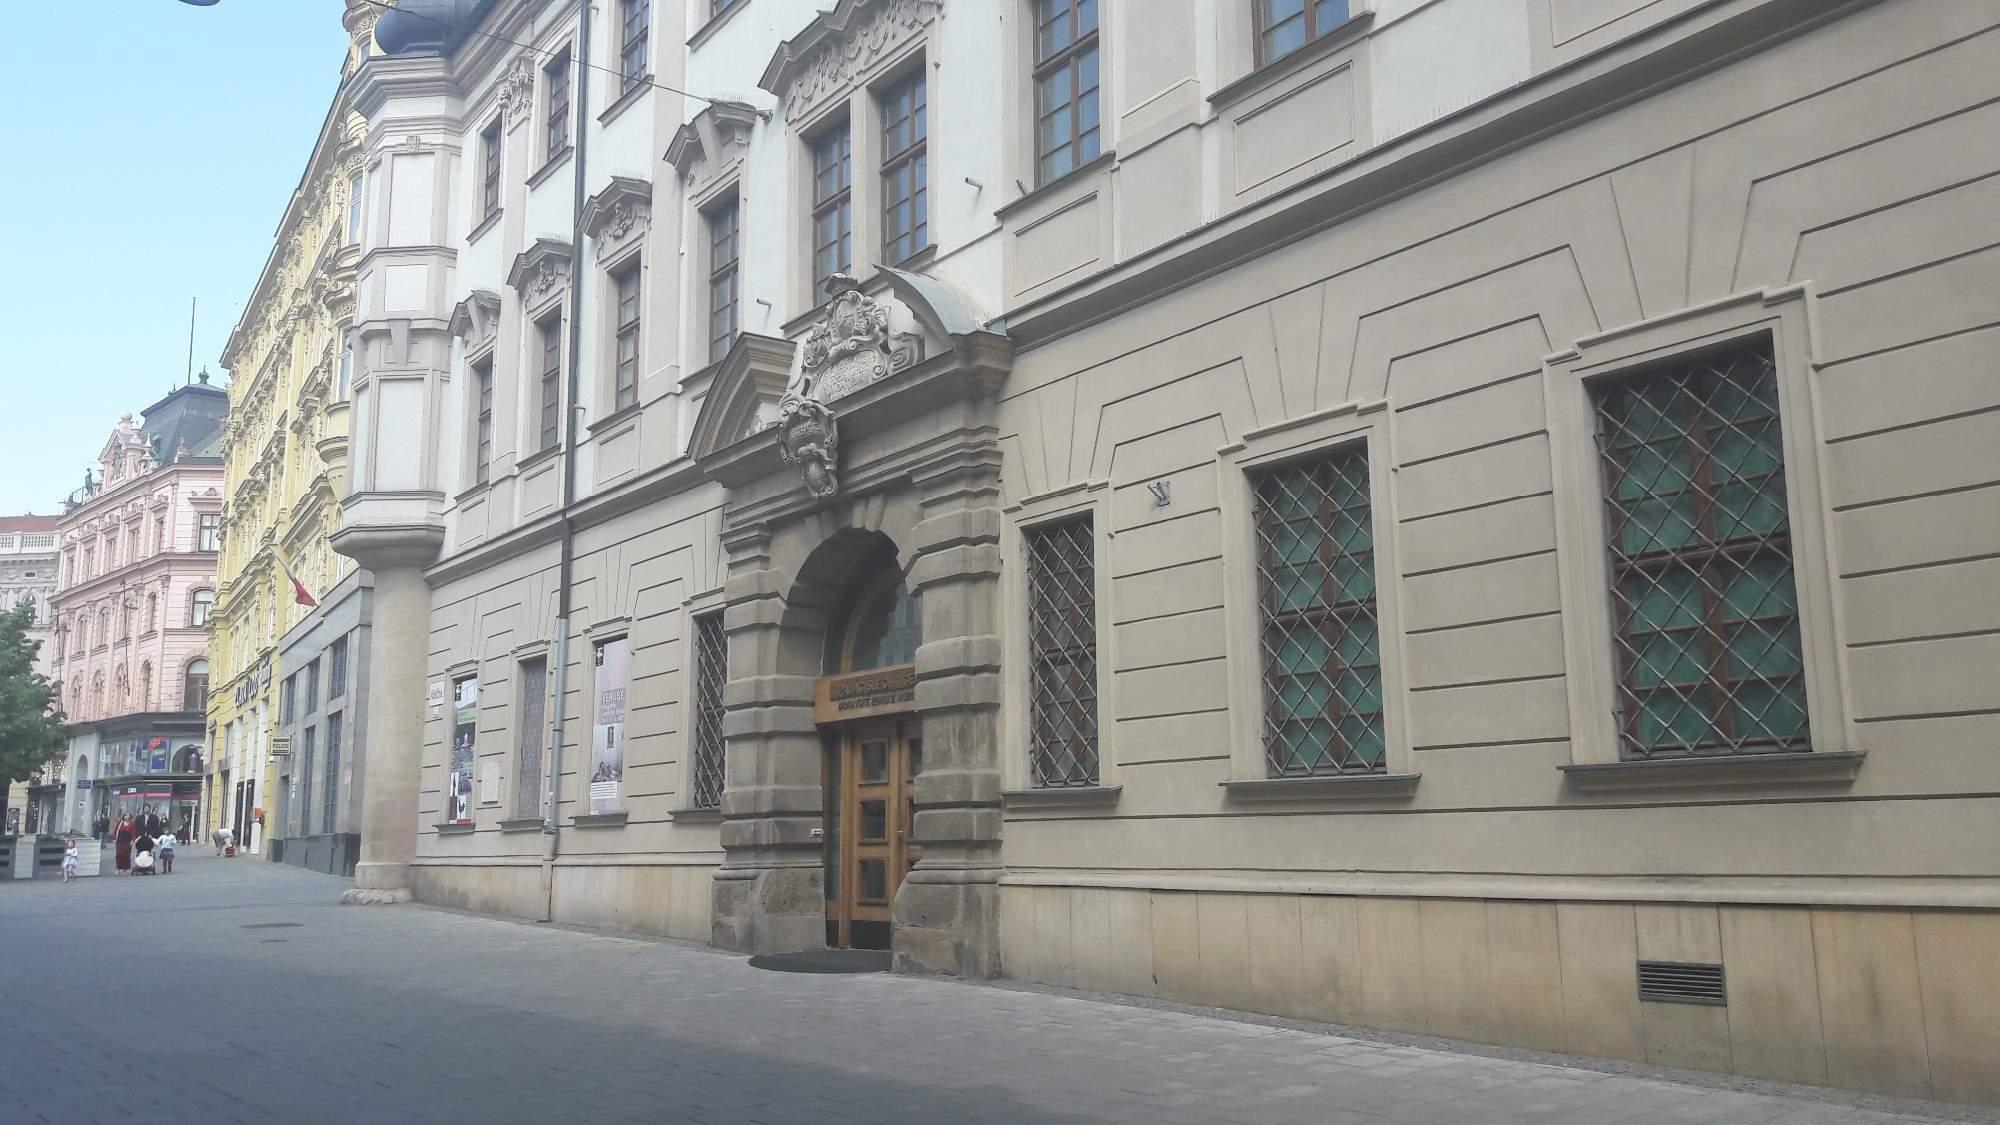 Palác šlechtičen měl sloužit pro osiřelé dívky. FOTO: Tereza Hálová